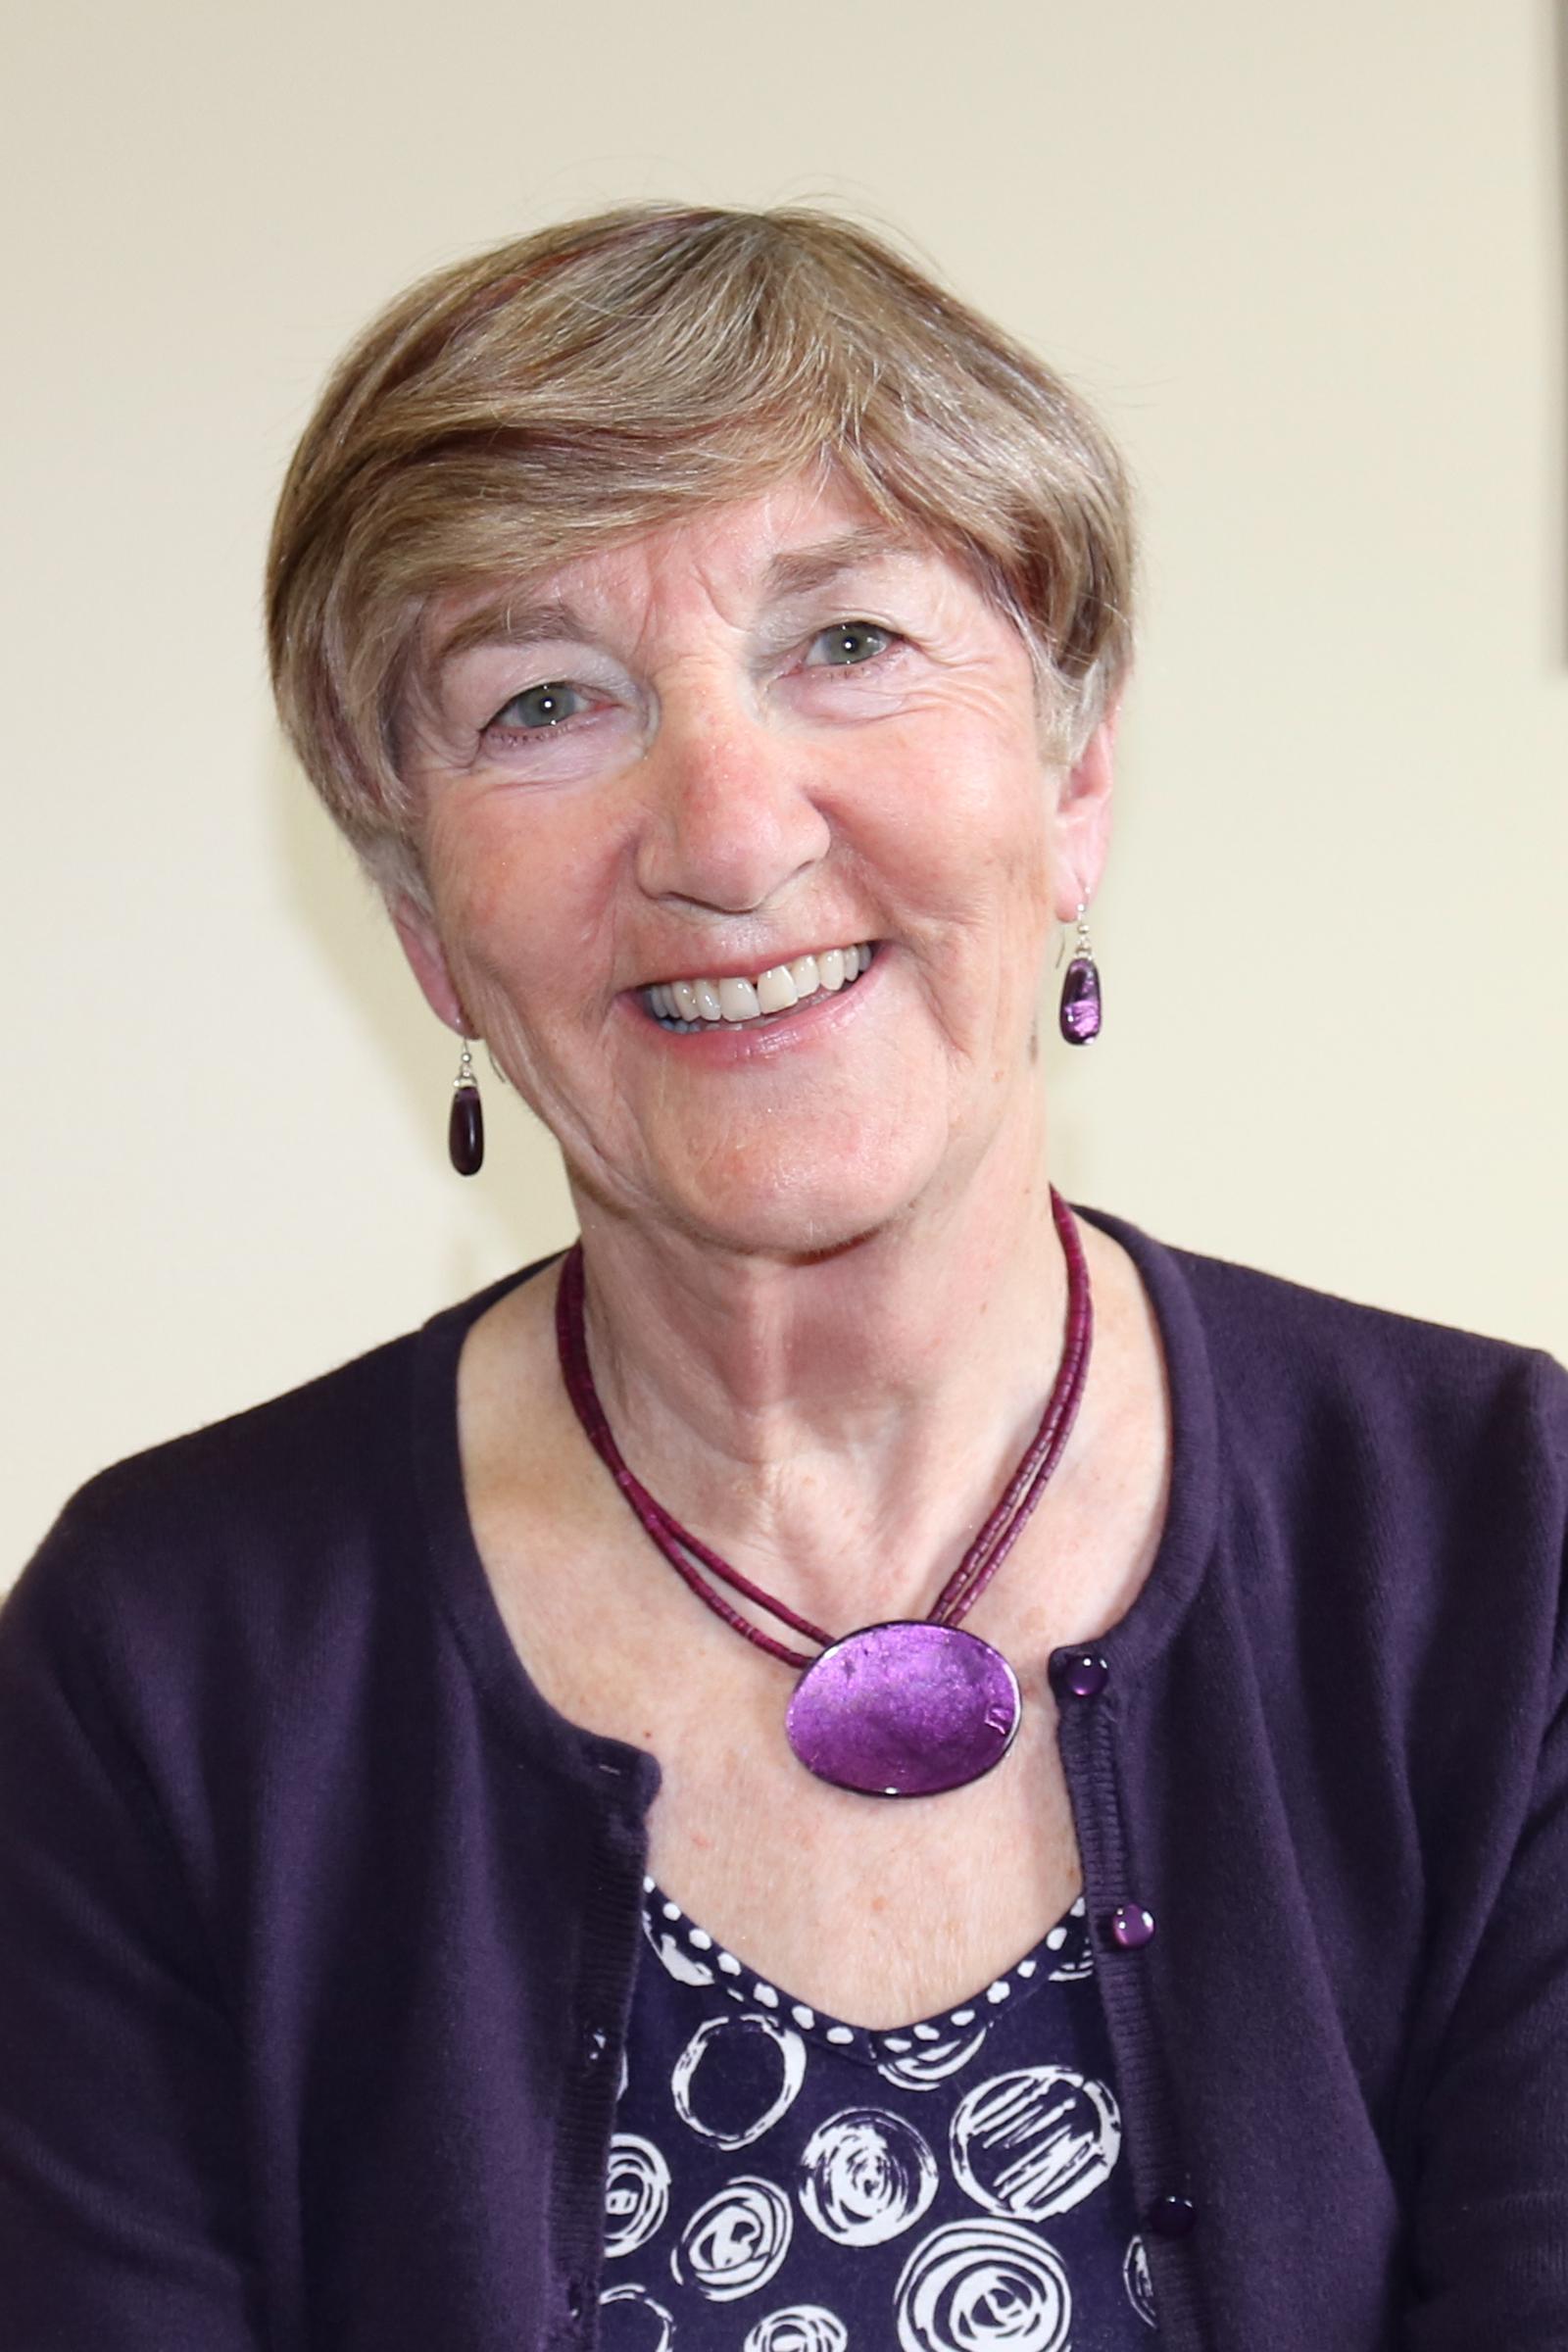 Portrait image of Edwina Gateley